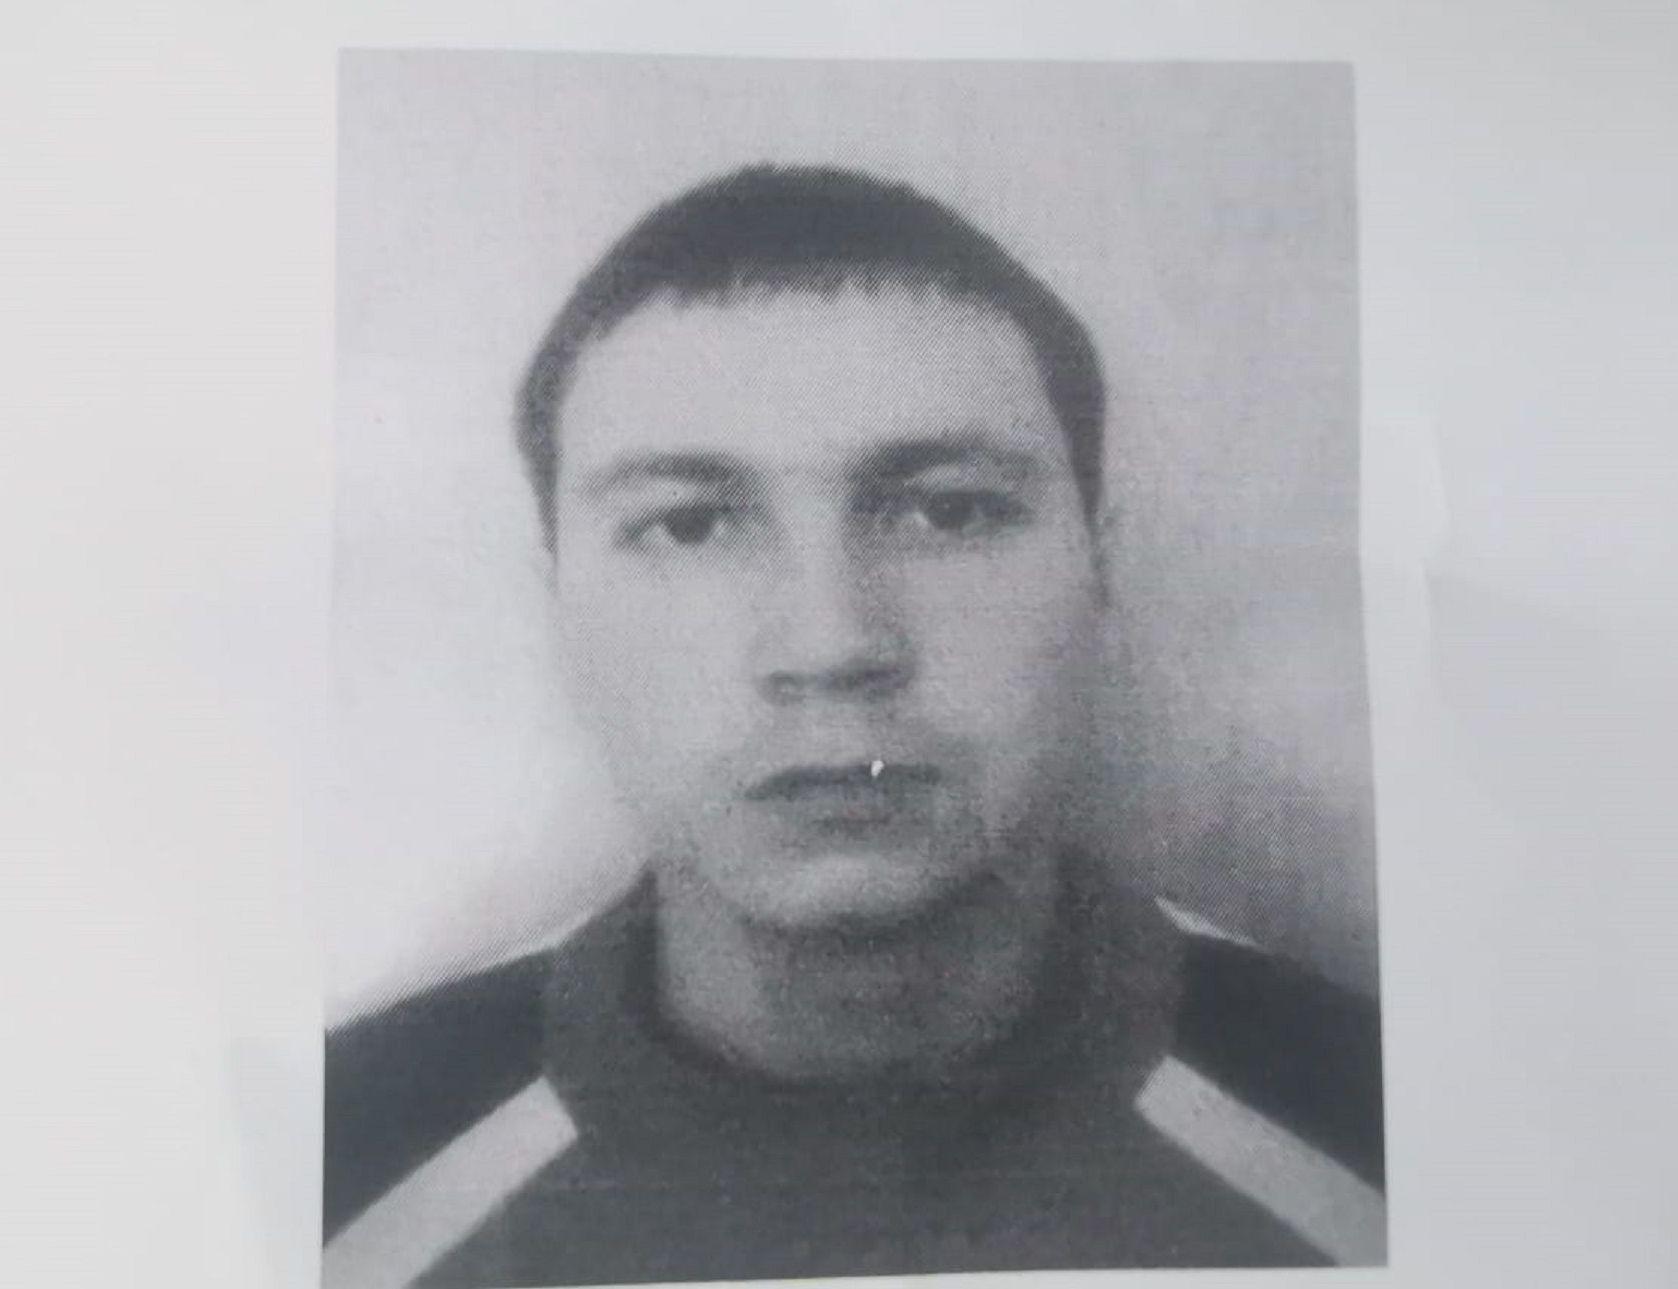 Ориентировка на подозреваемого в похищении и убийстве ребенка Игентая Сопыжанова